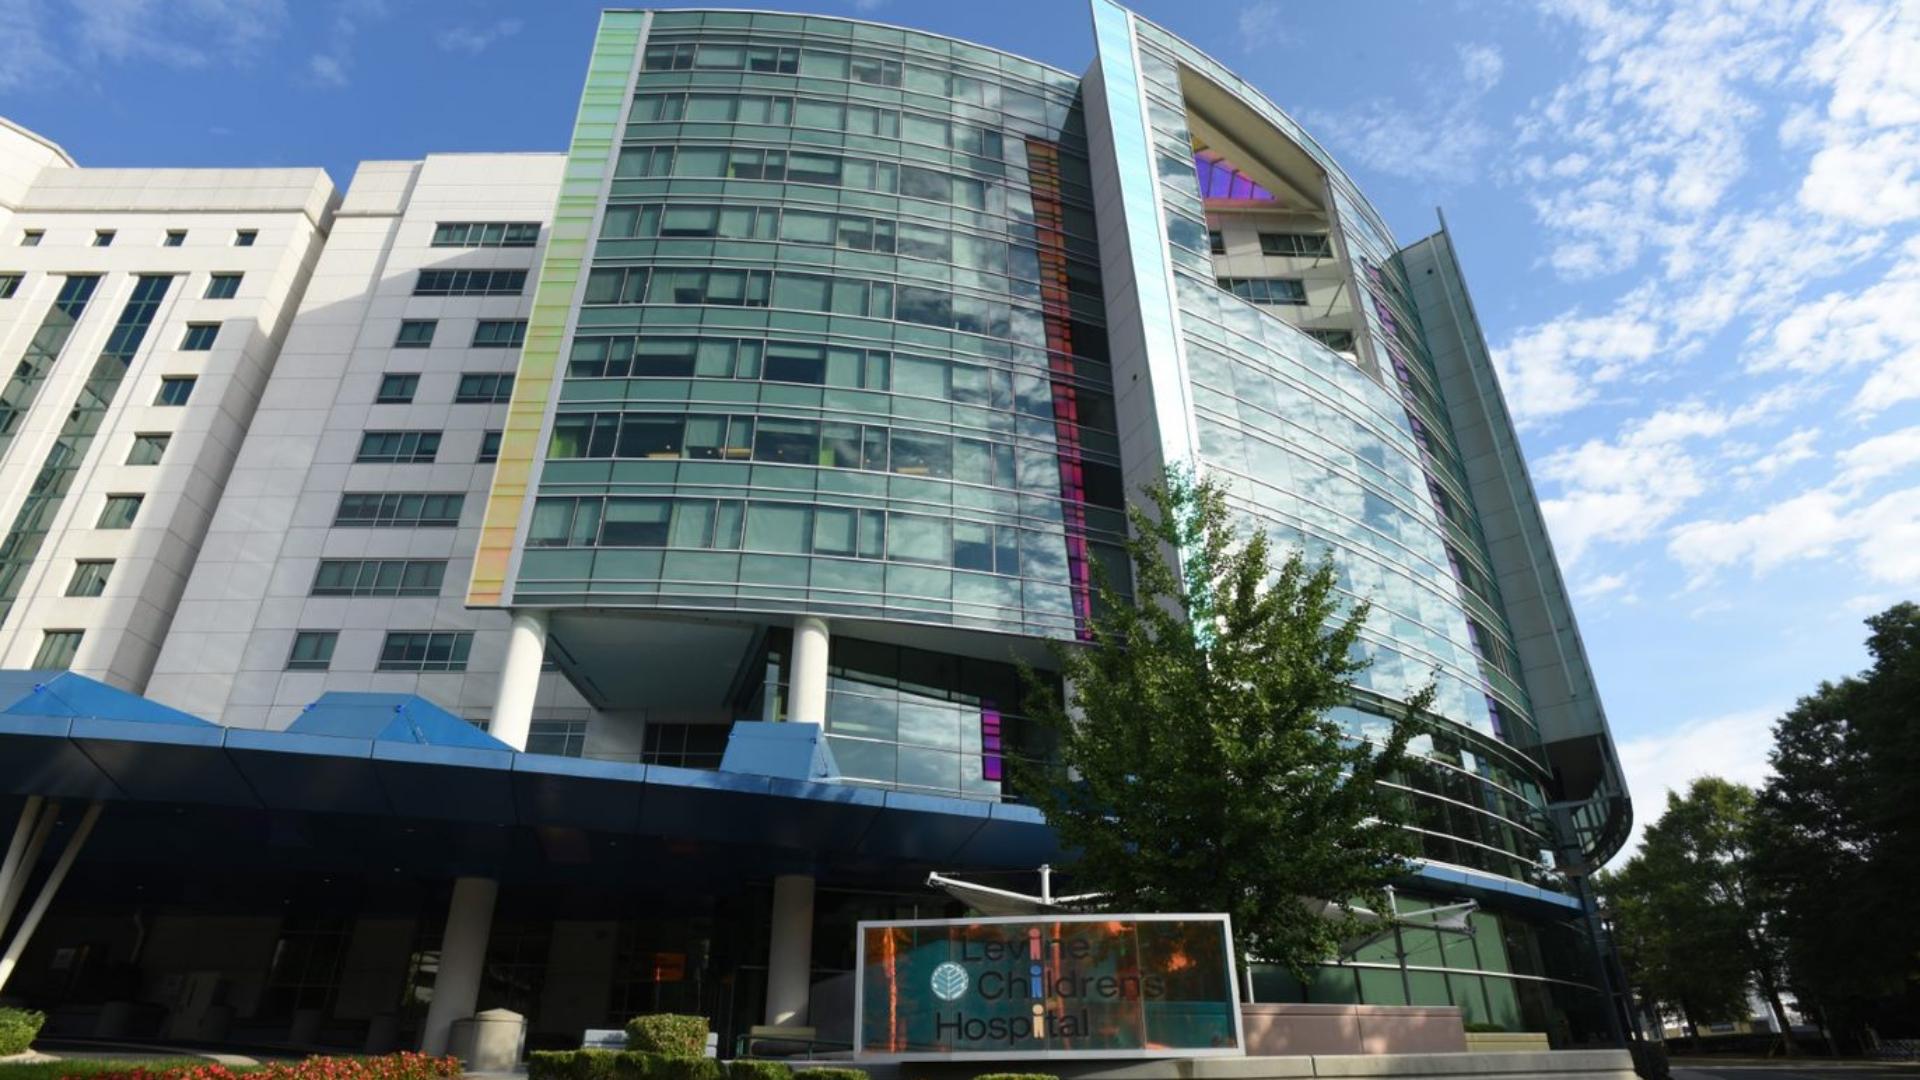 Atrium Health's Levine Children's Hospital